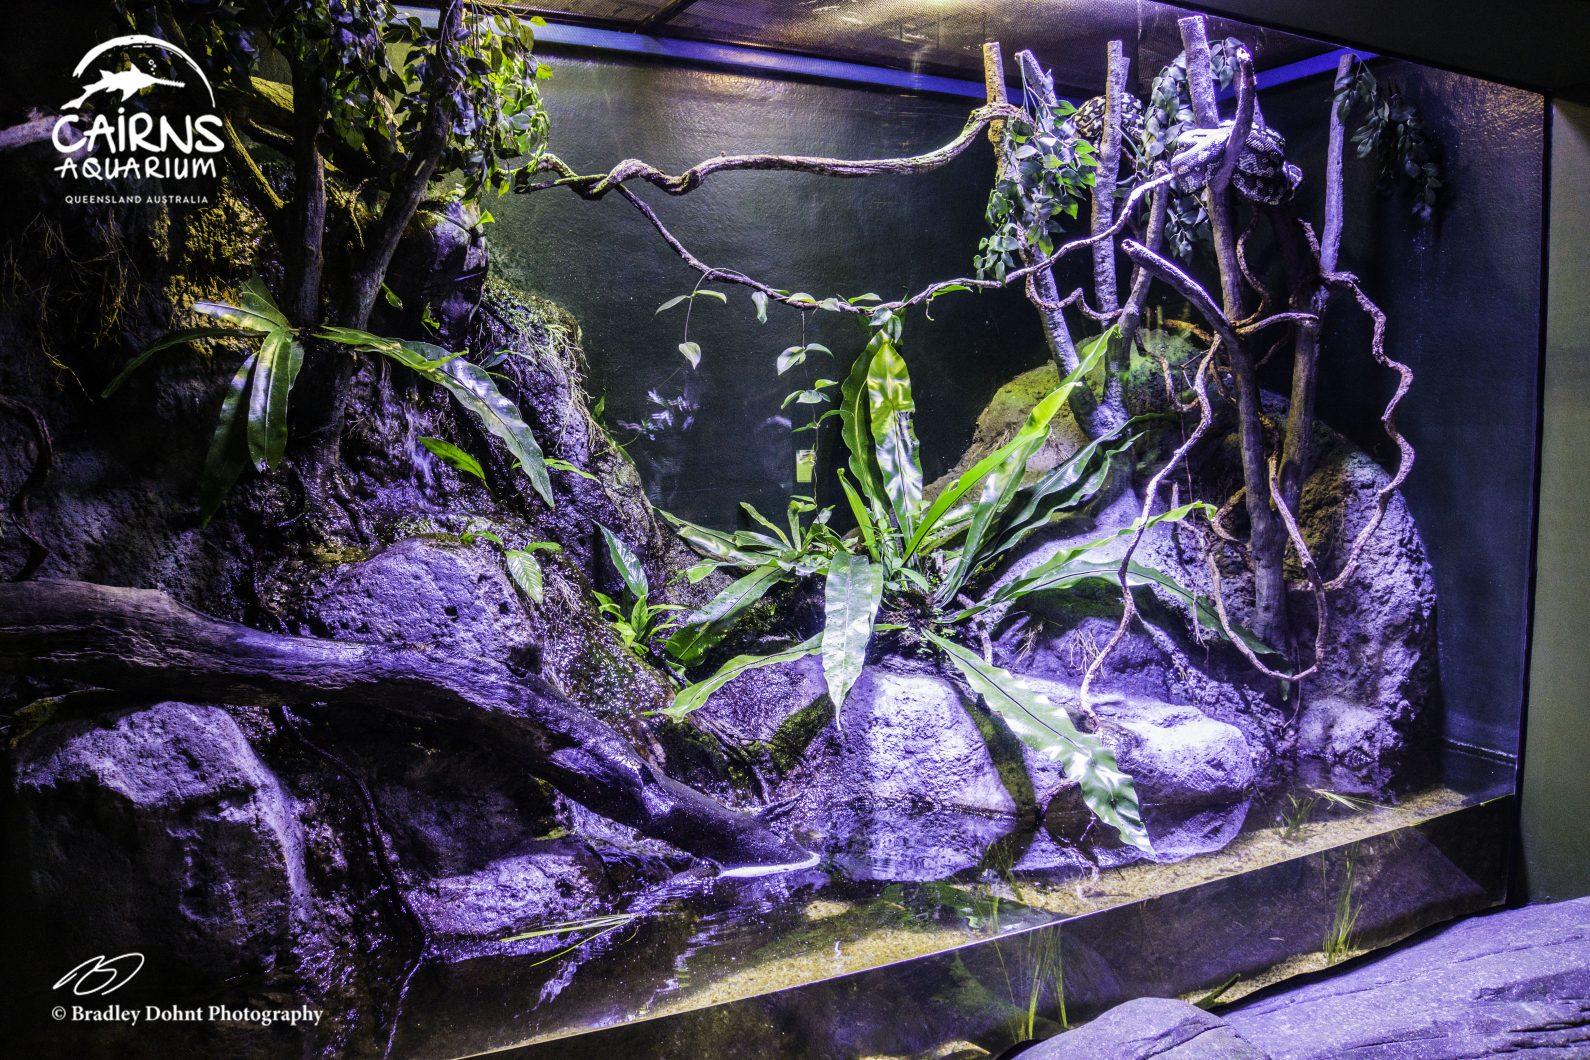 orphek фары для аквариума с пресной водой